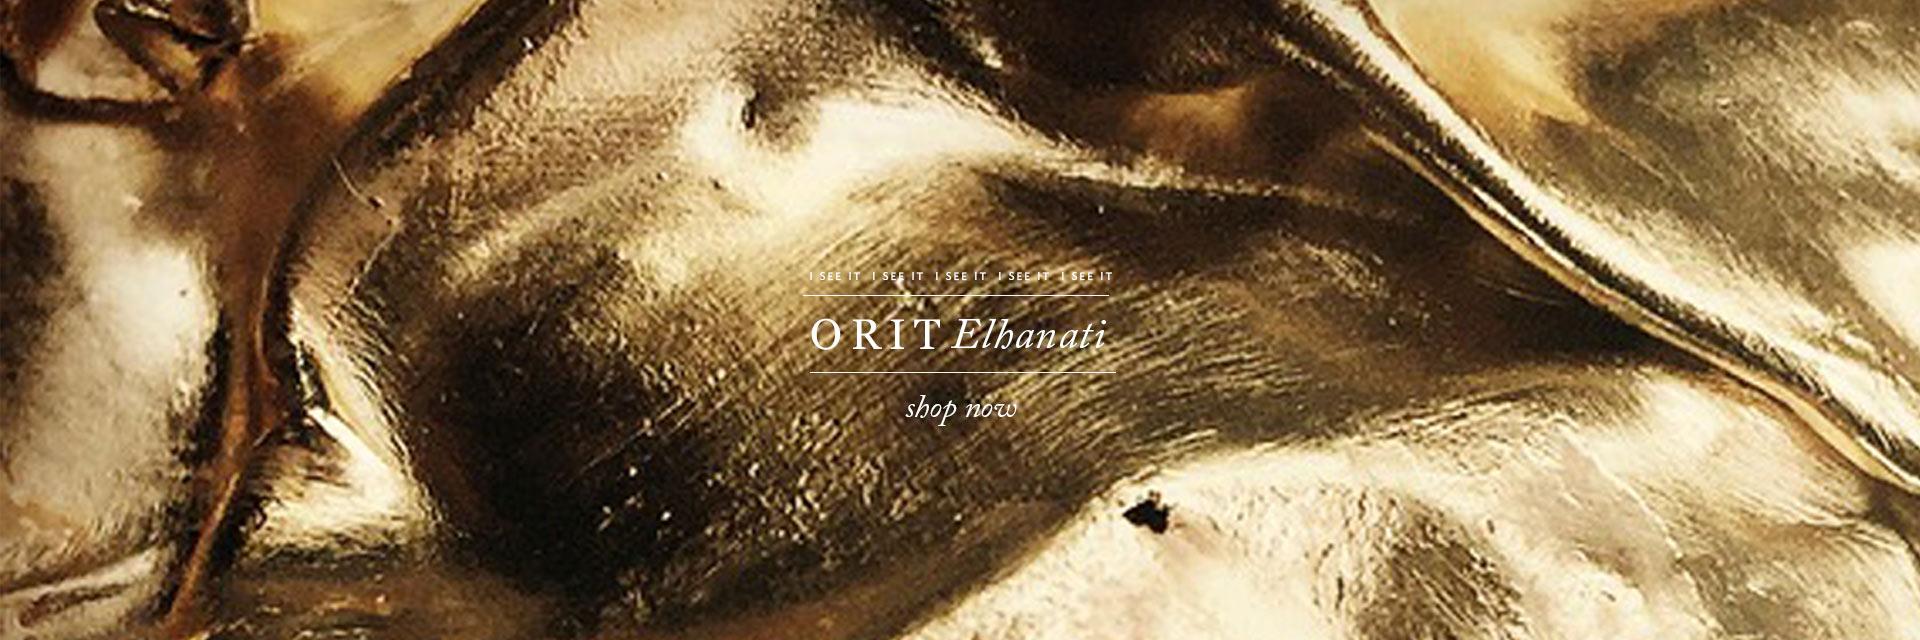 orit-elhanati-jewellery-2016